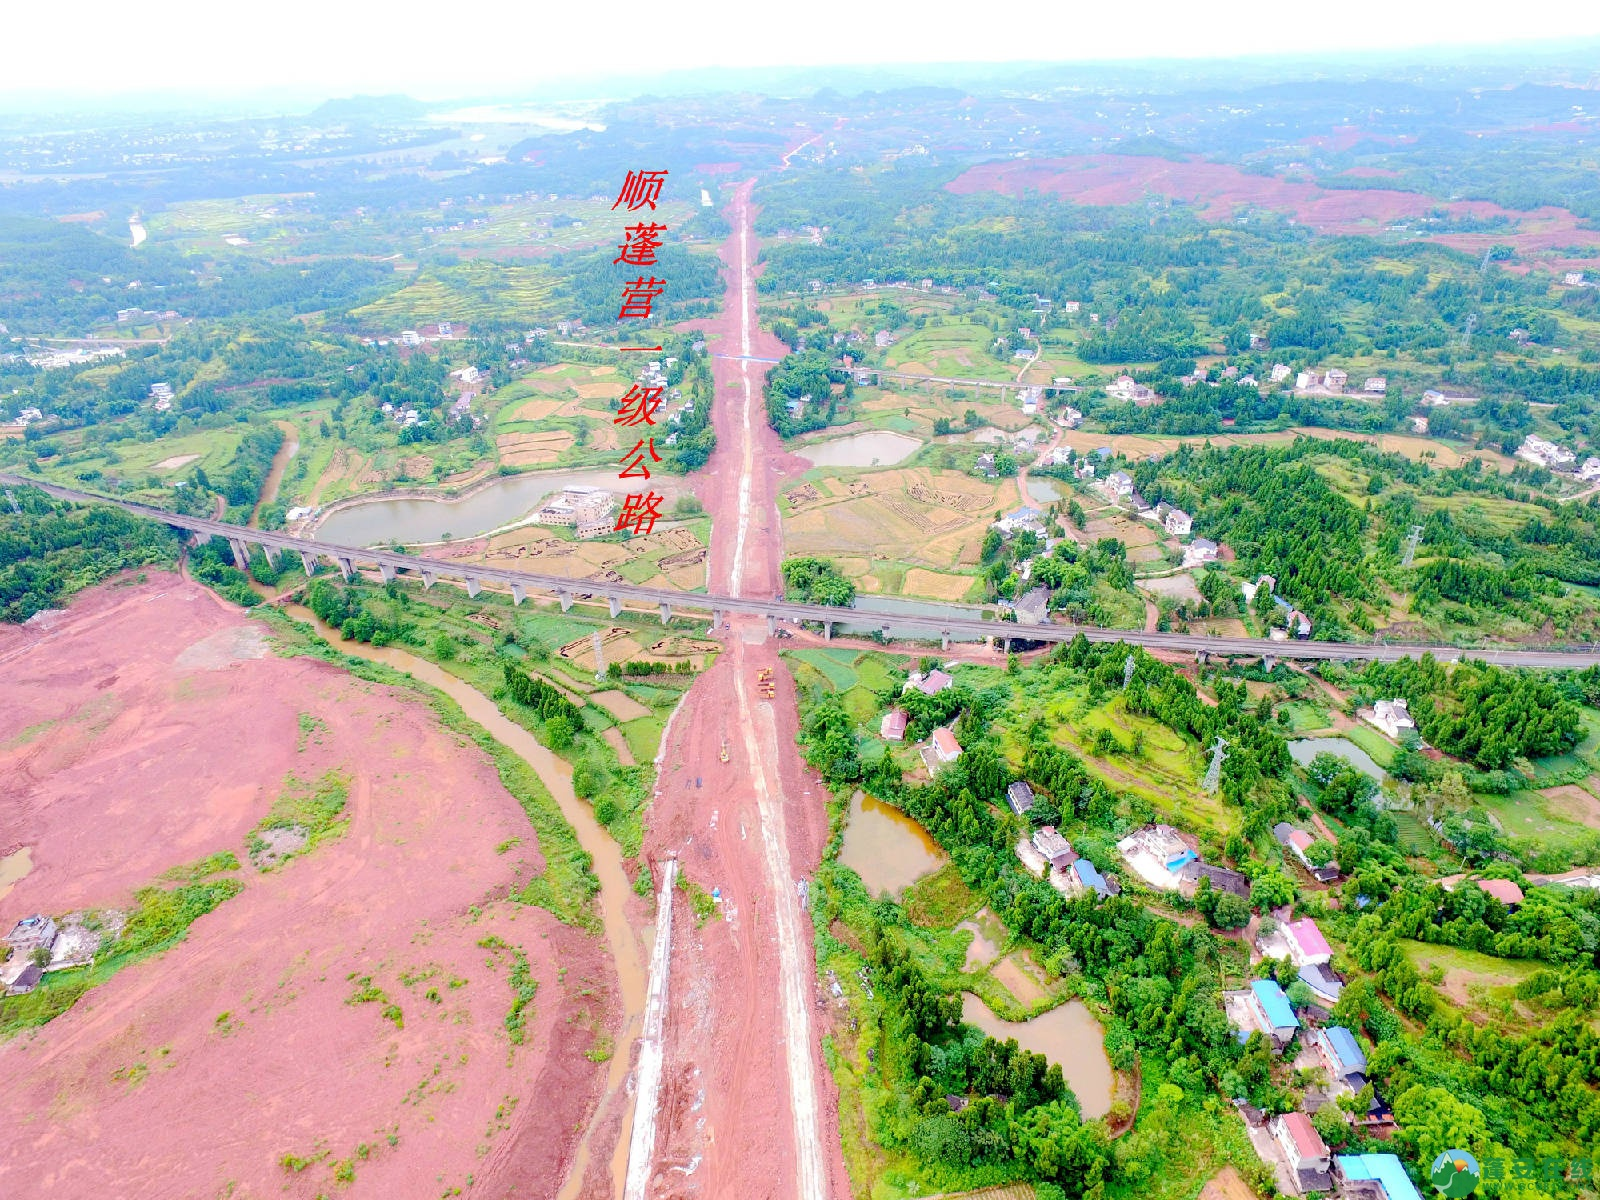 顺蓬营一级公路蓬安段、青云大道二期道路最新进展(2019.8.29) - 第1张  | 蓬安在线